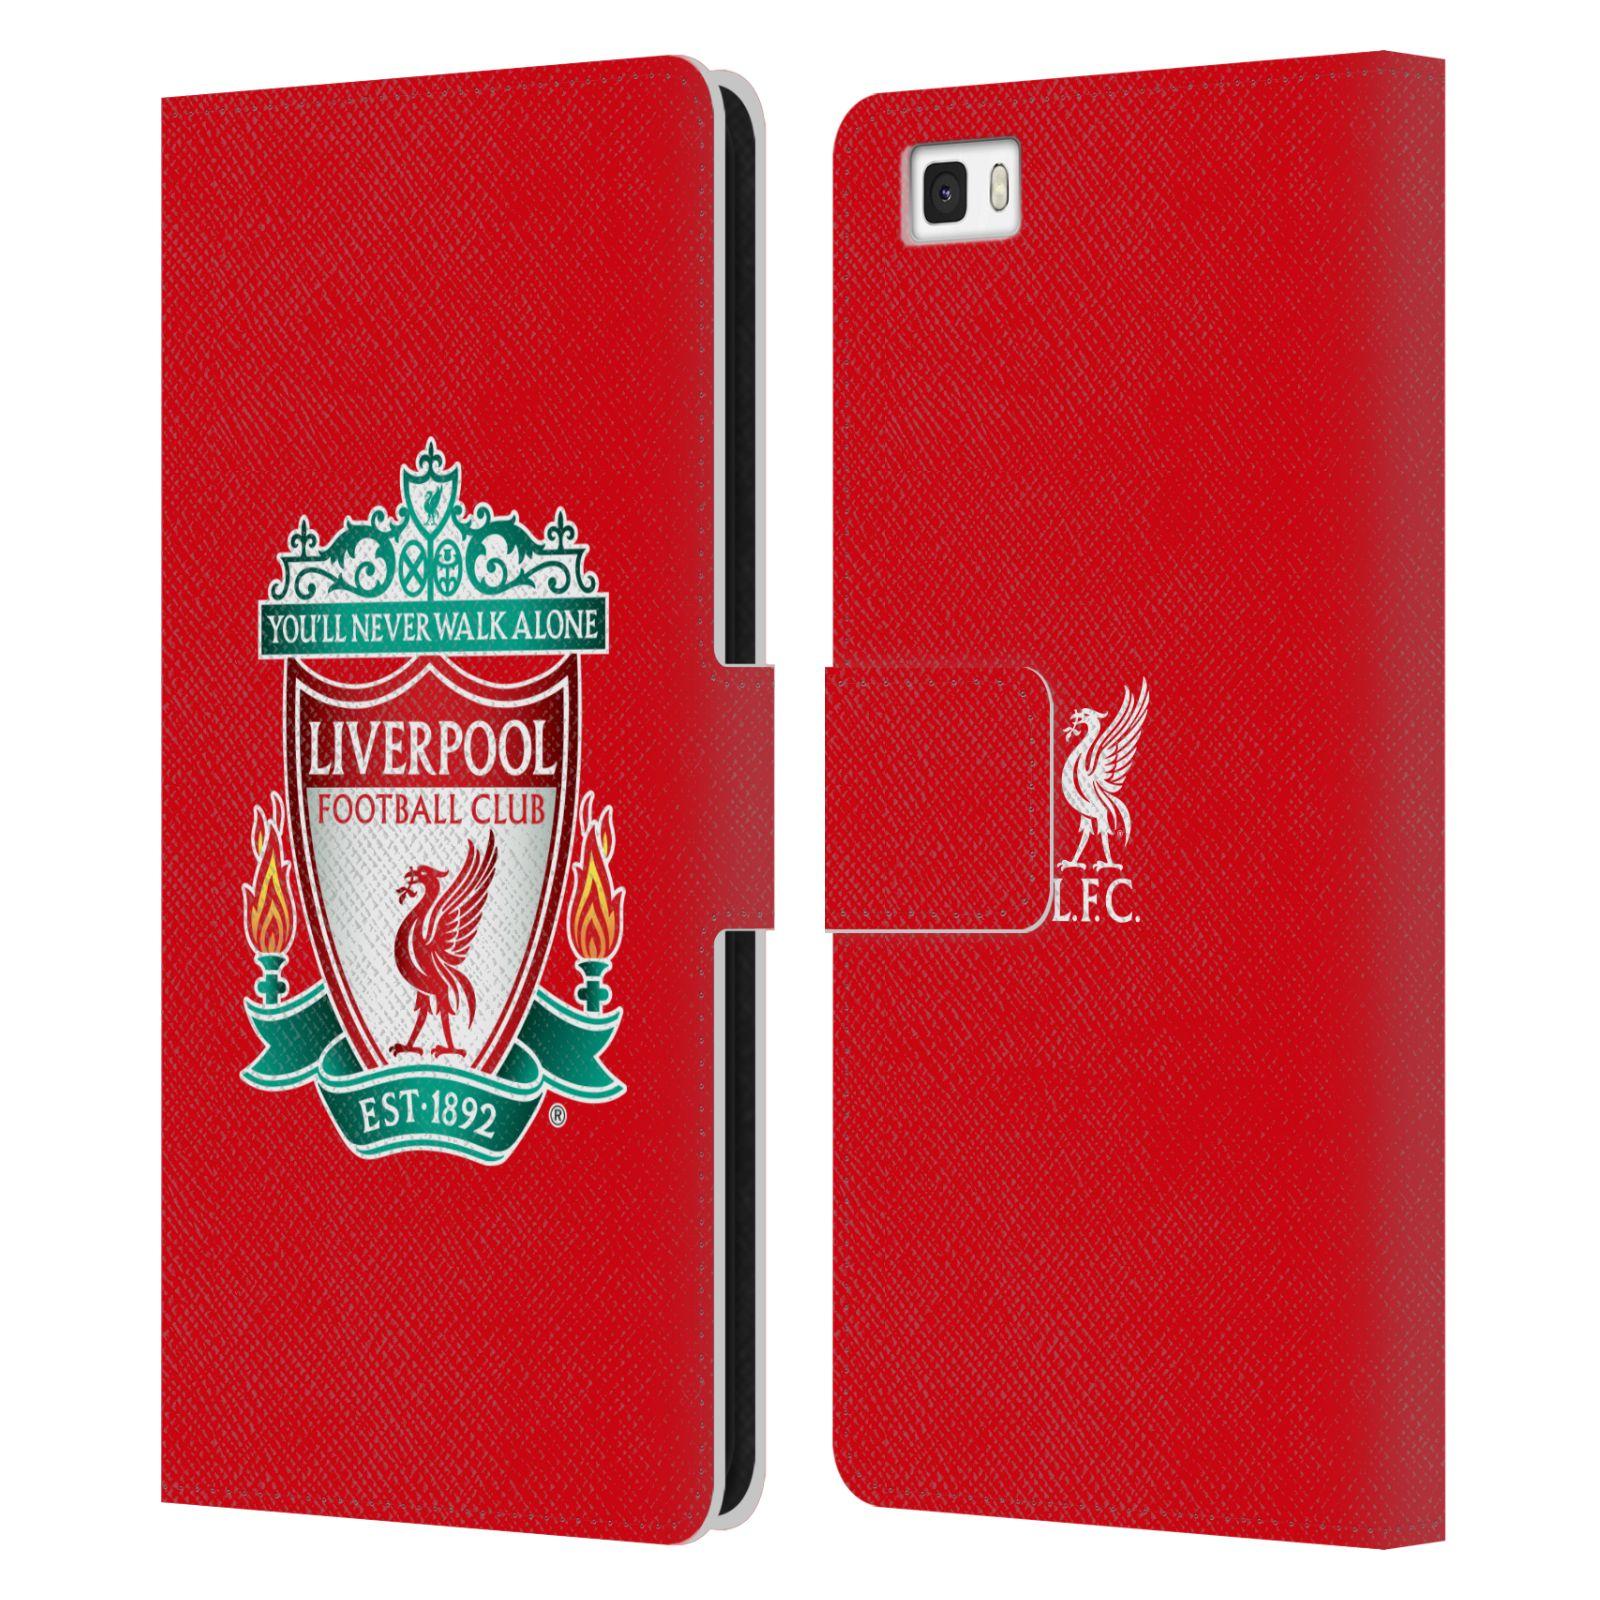 HEAD CASE Flipové pouzdro pro mobil Huawei P8 LITE LIVERPOOL FC OFICIÁLNÍ ZNAK barevný znak na červené